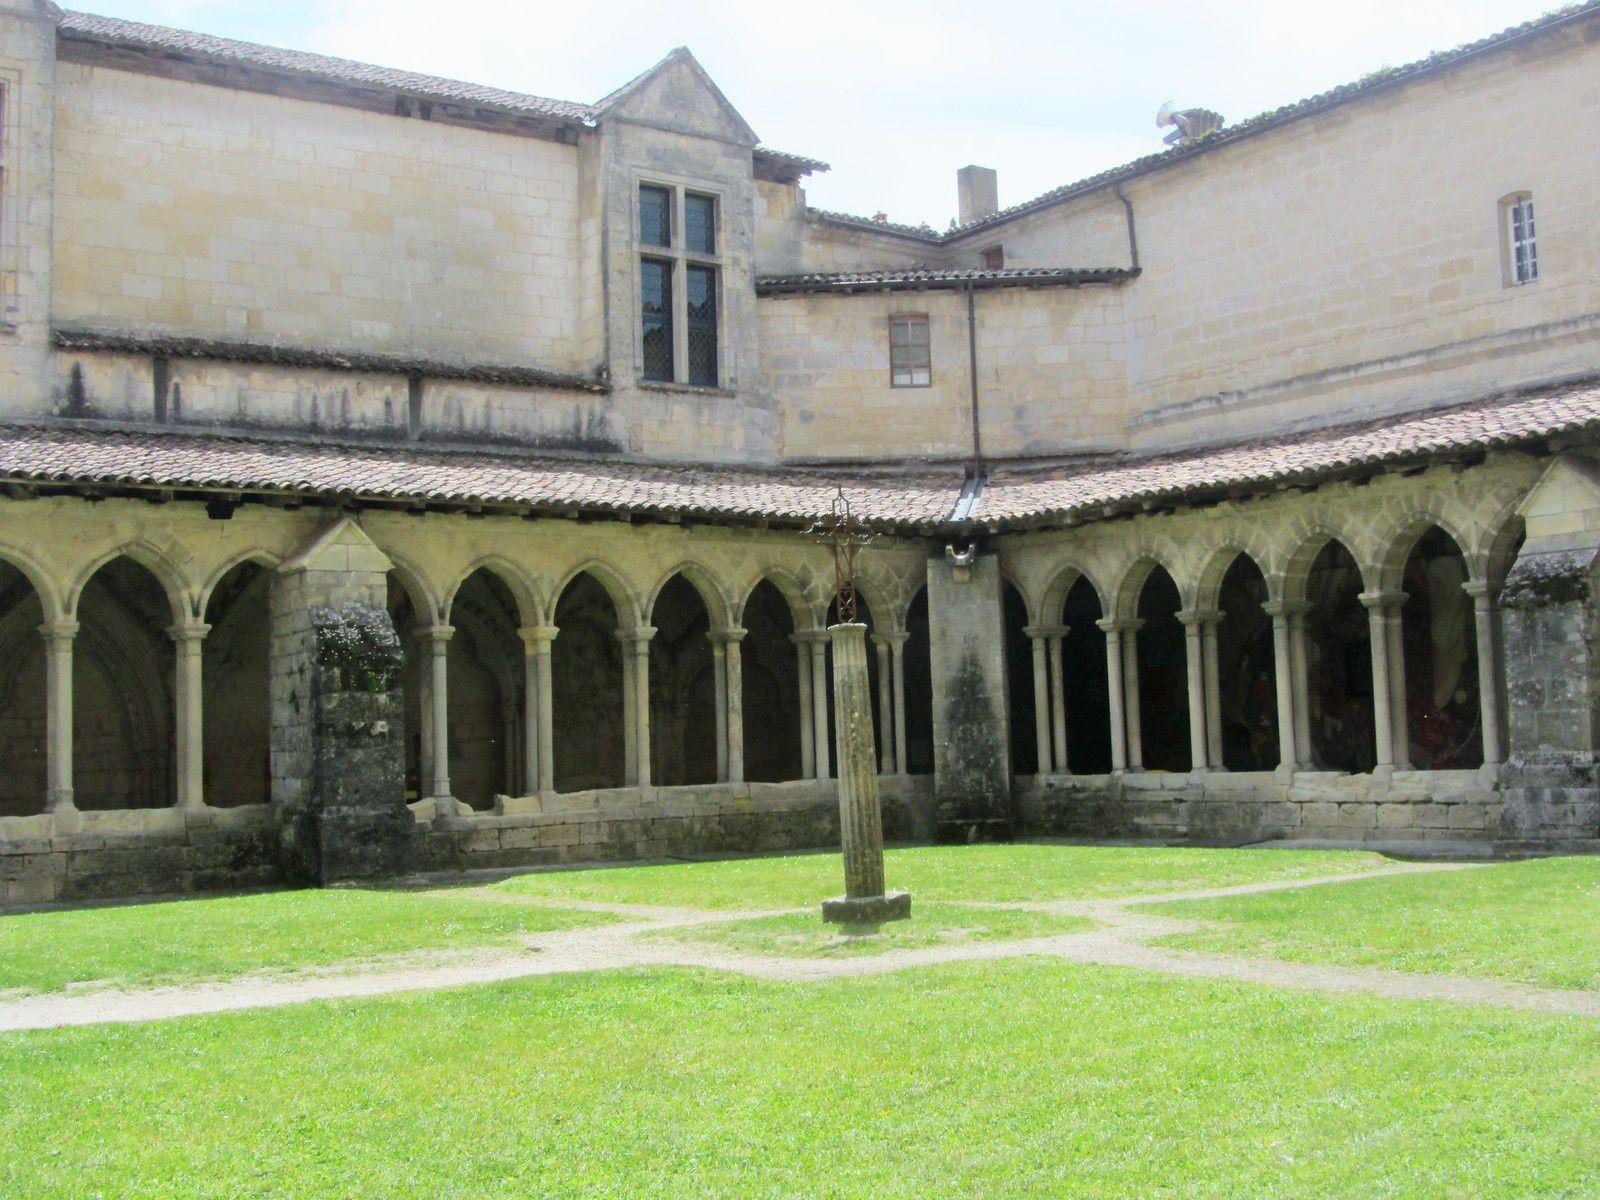 La fresque de l'Apocalypse, réalisée par l'artiste lot-et-garonnais François Peltier se trouve dans le cloître de l'église collégiale de Saint-Émilion.